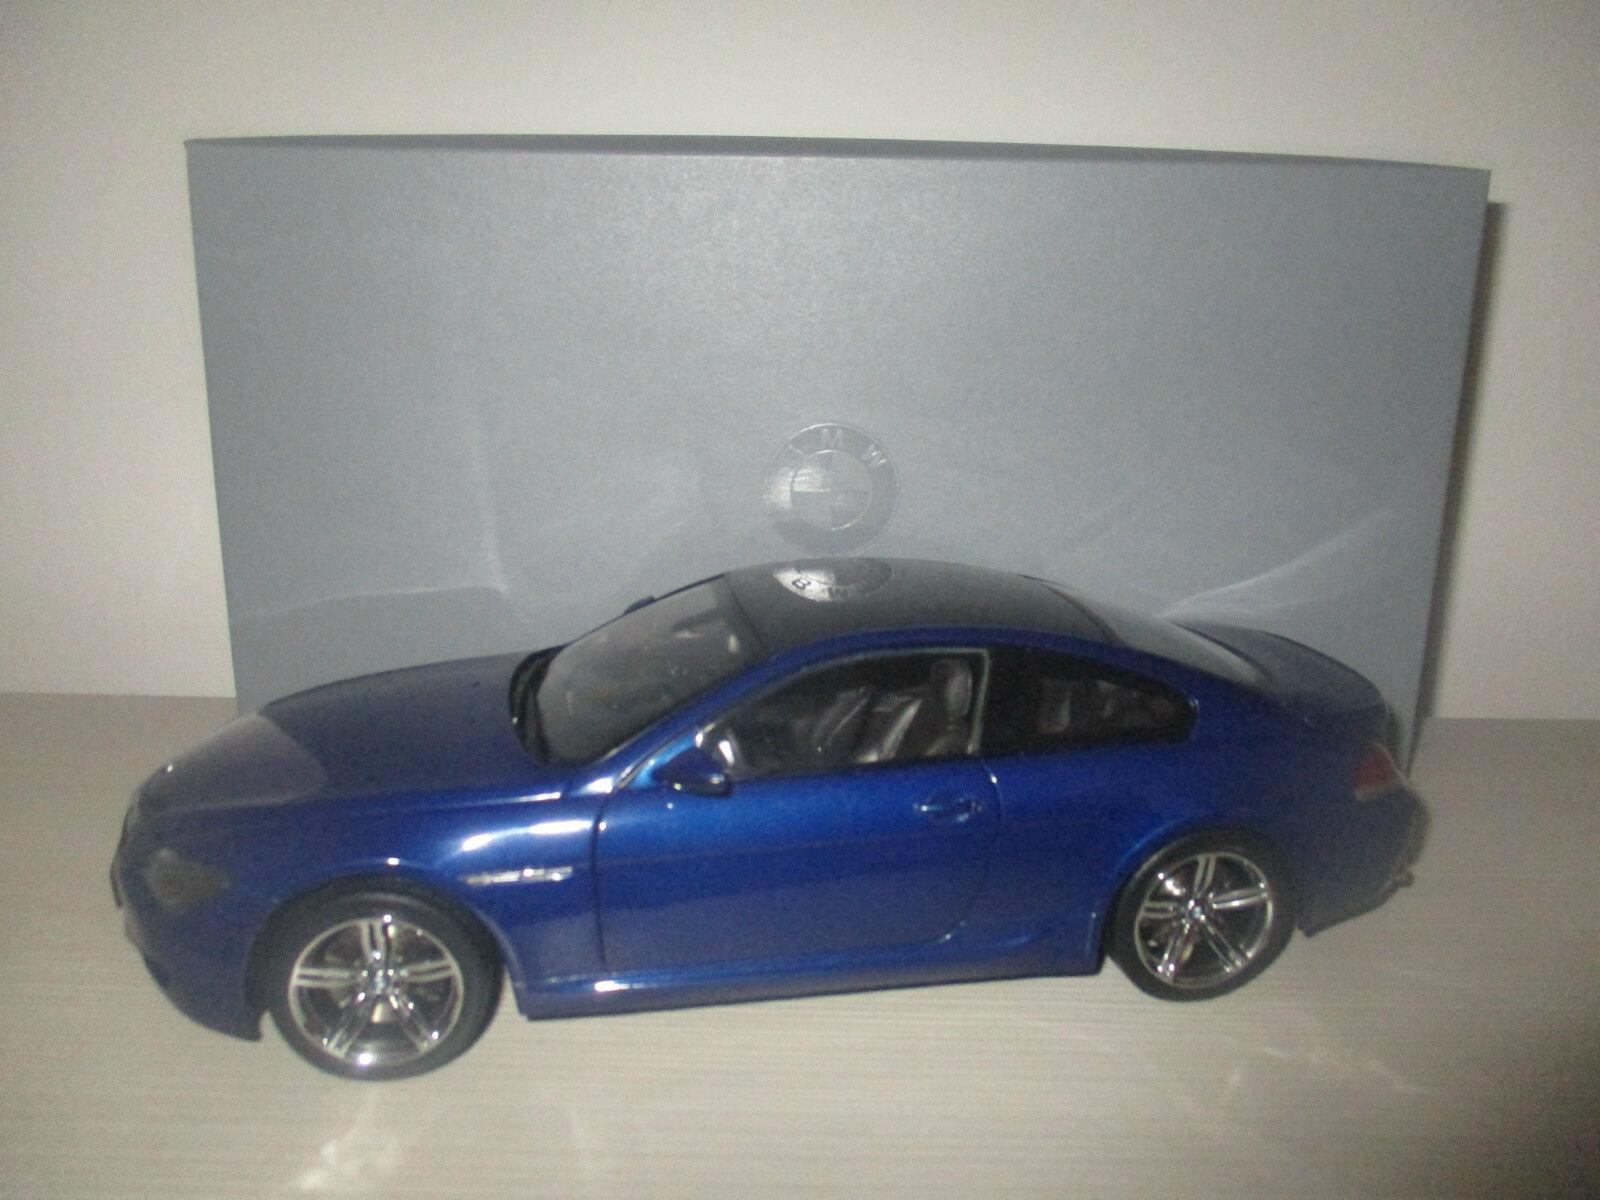 BMW 6 6 BMW SERIES COUPE' KYOSHO SCALA 1 18 4f0883